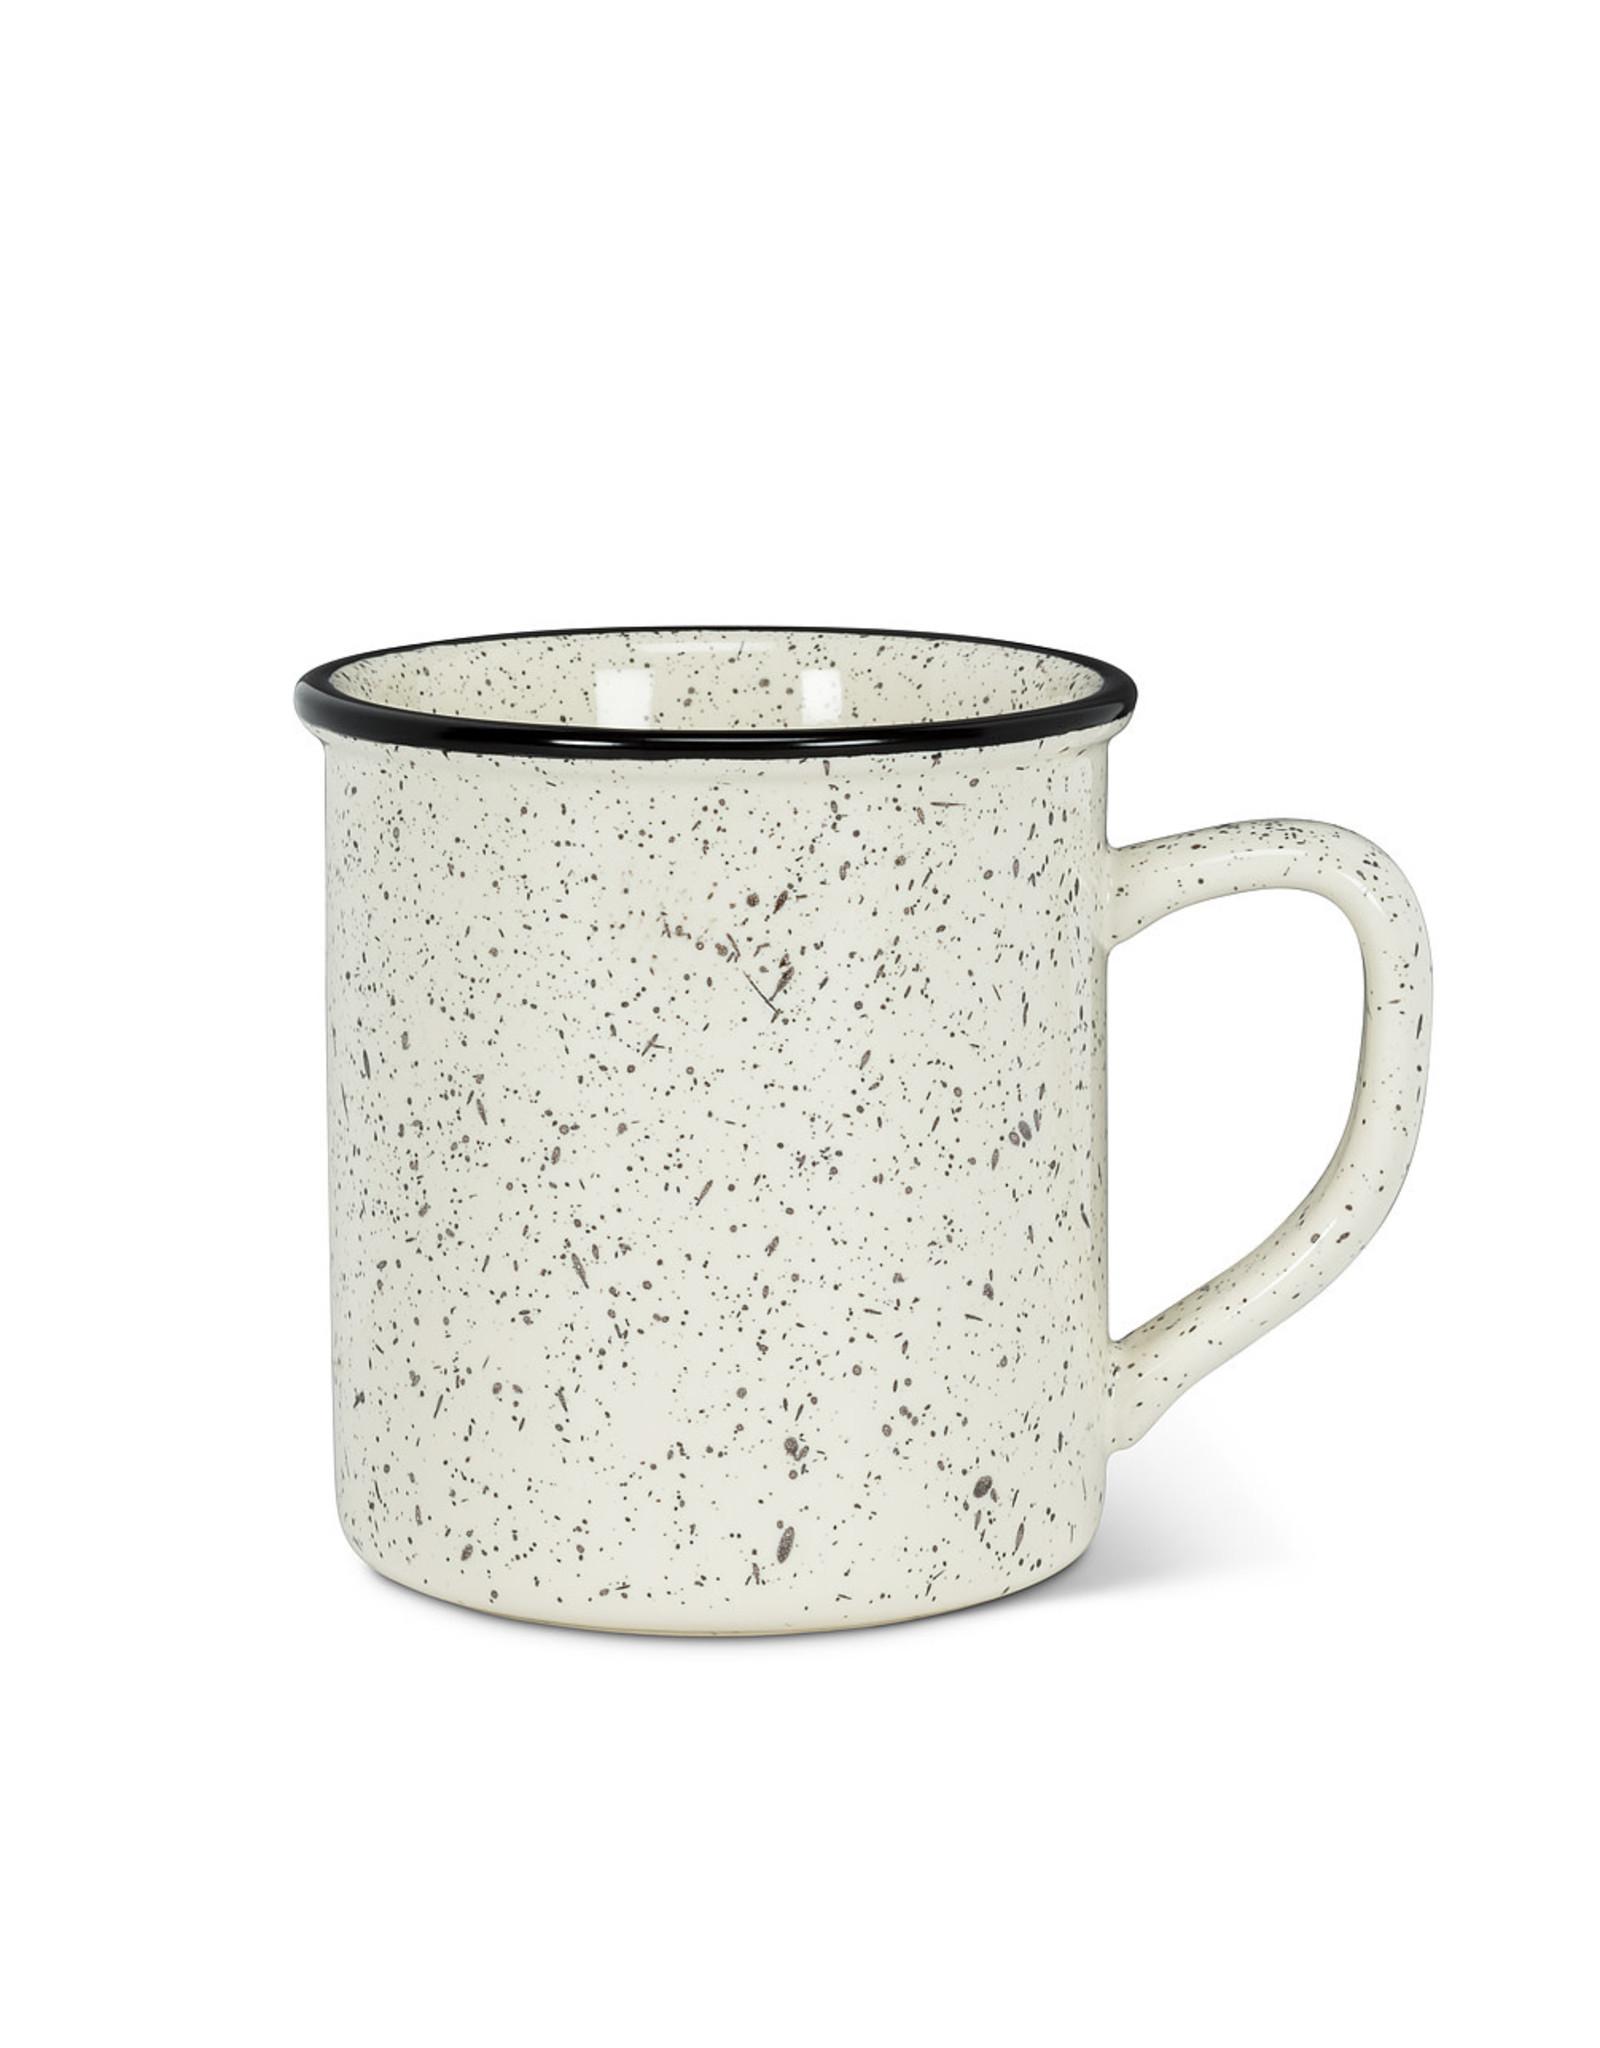 ATT - Speckle Mug with Rim /10 oz